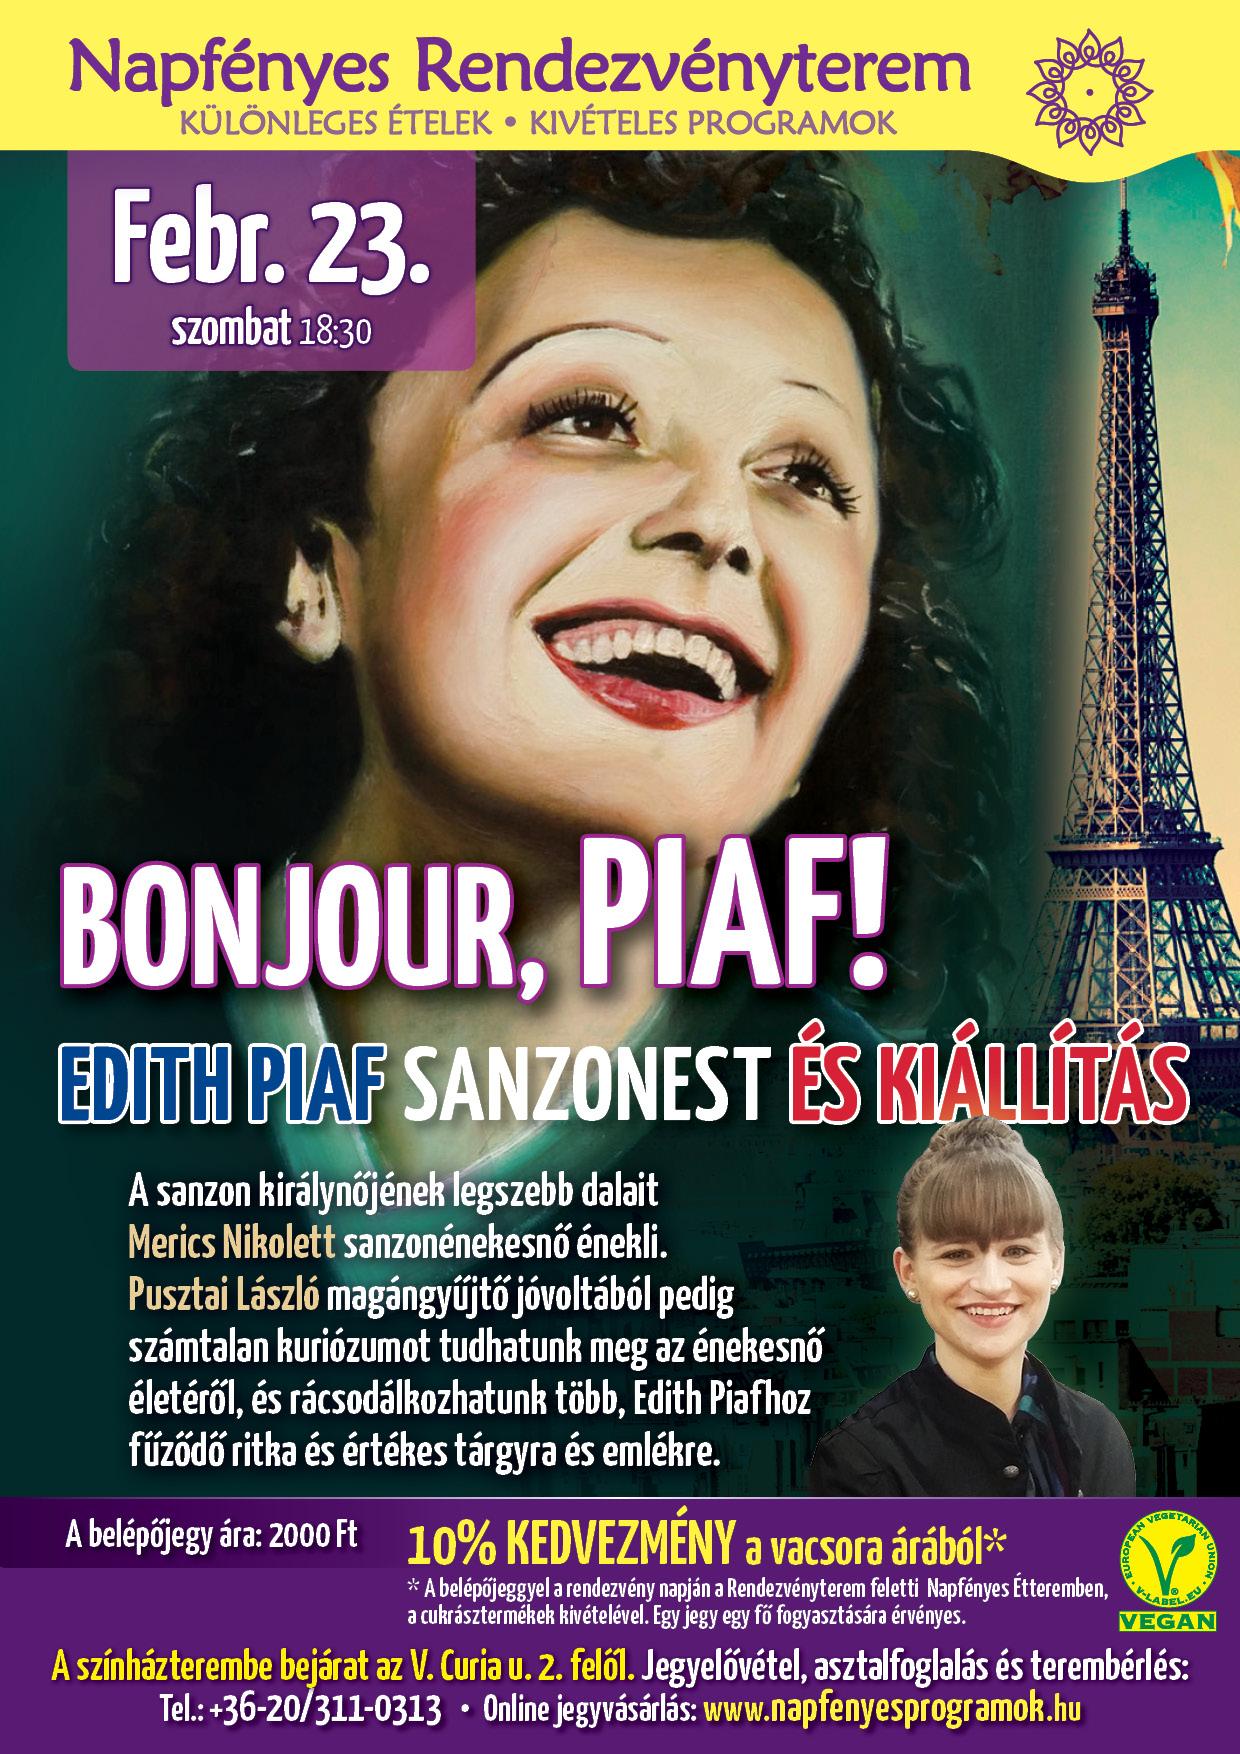 Piaf A4